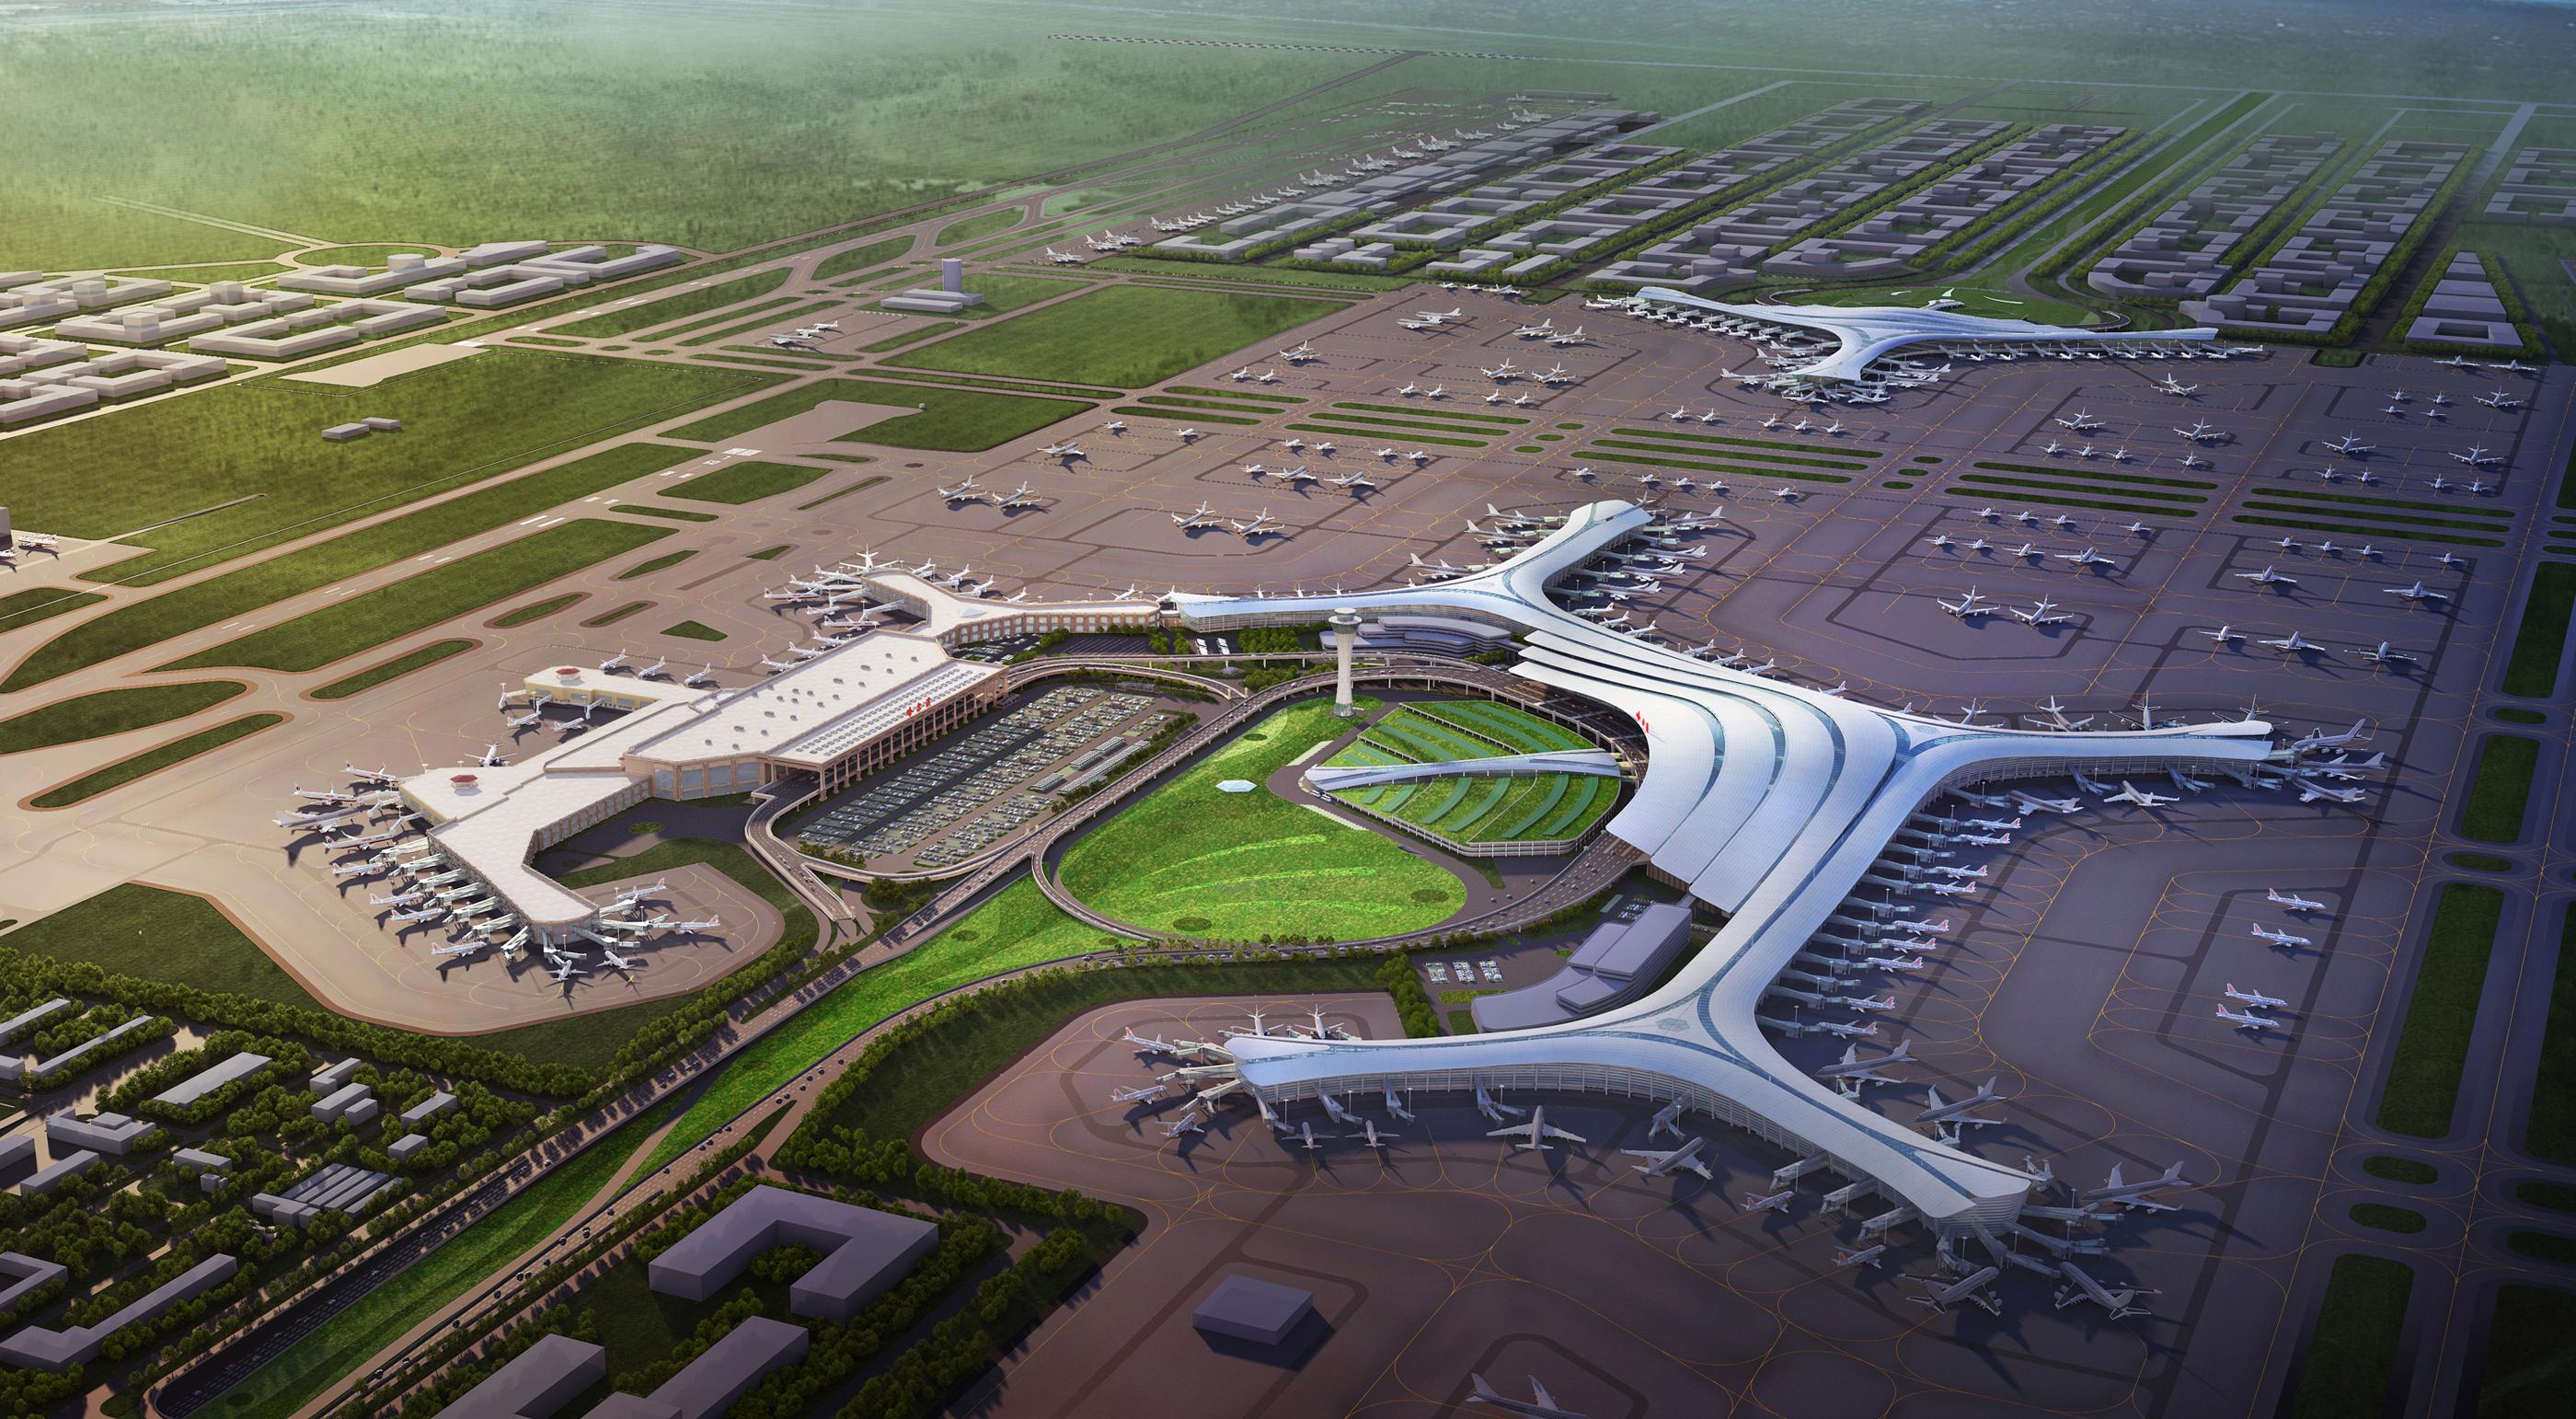 哈尔滨太平国际机场总体规划获民航局批复 确定了最终模样